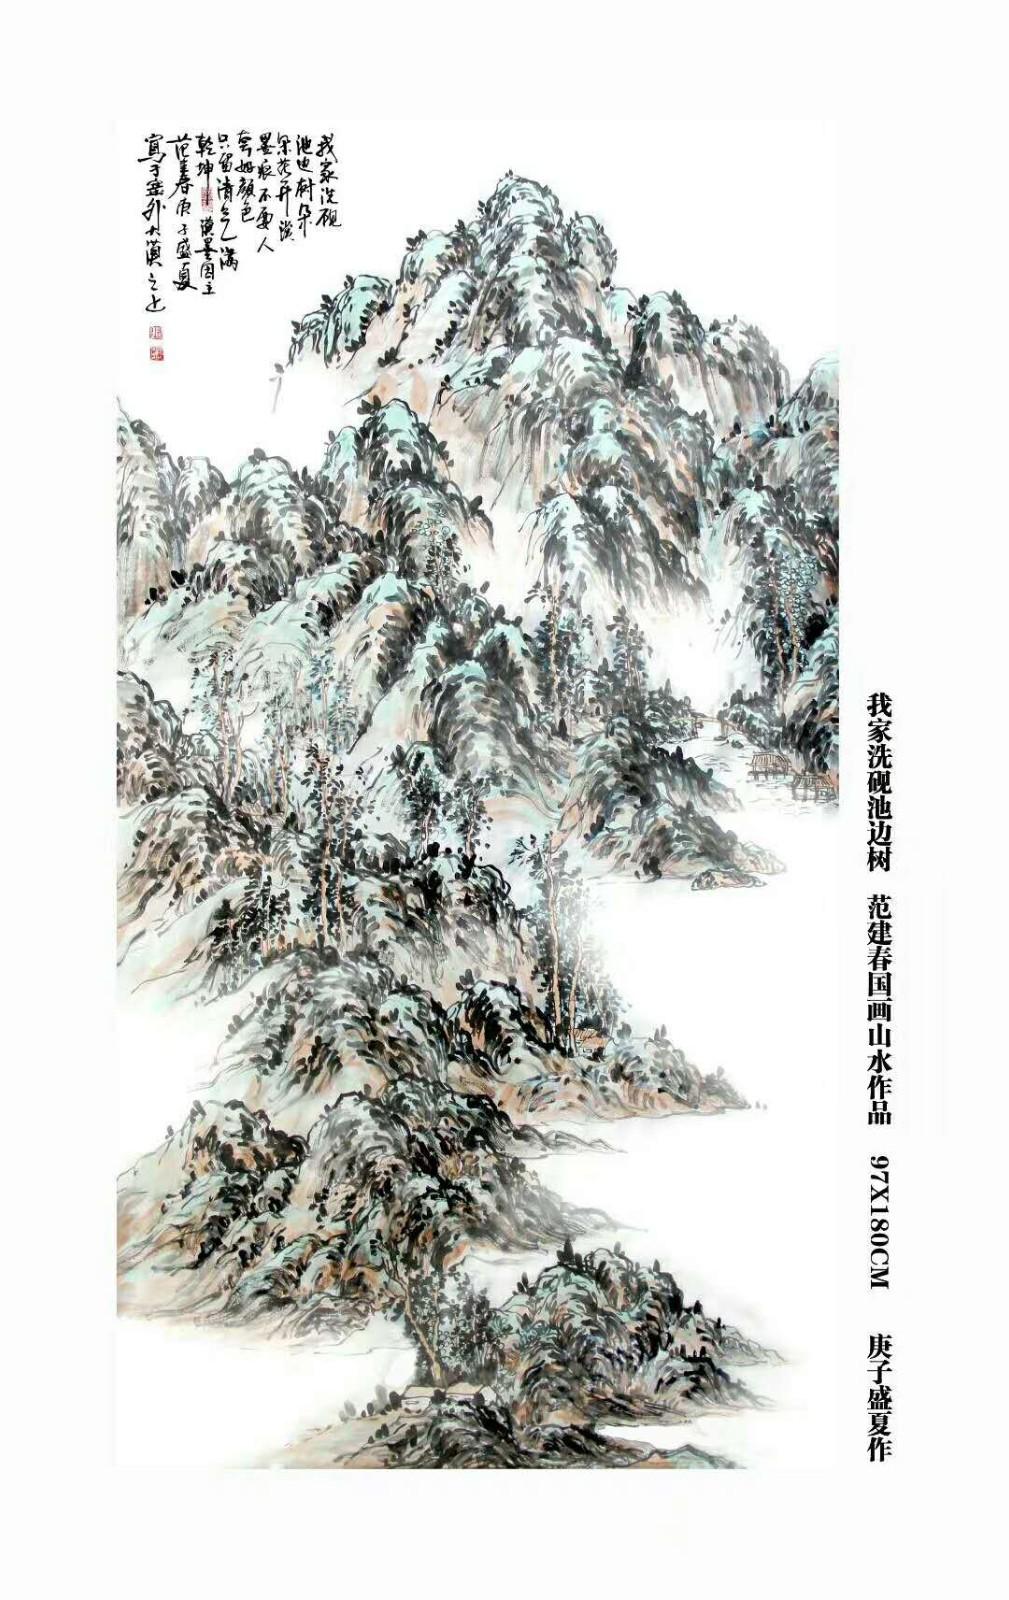 万里江山颂--漠墨园艺术系列活动(第二集)_图1-3